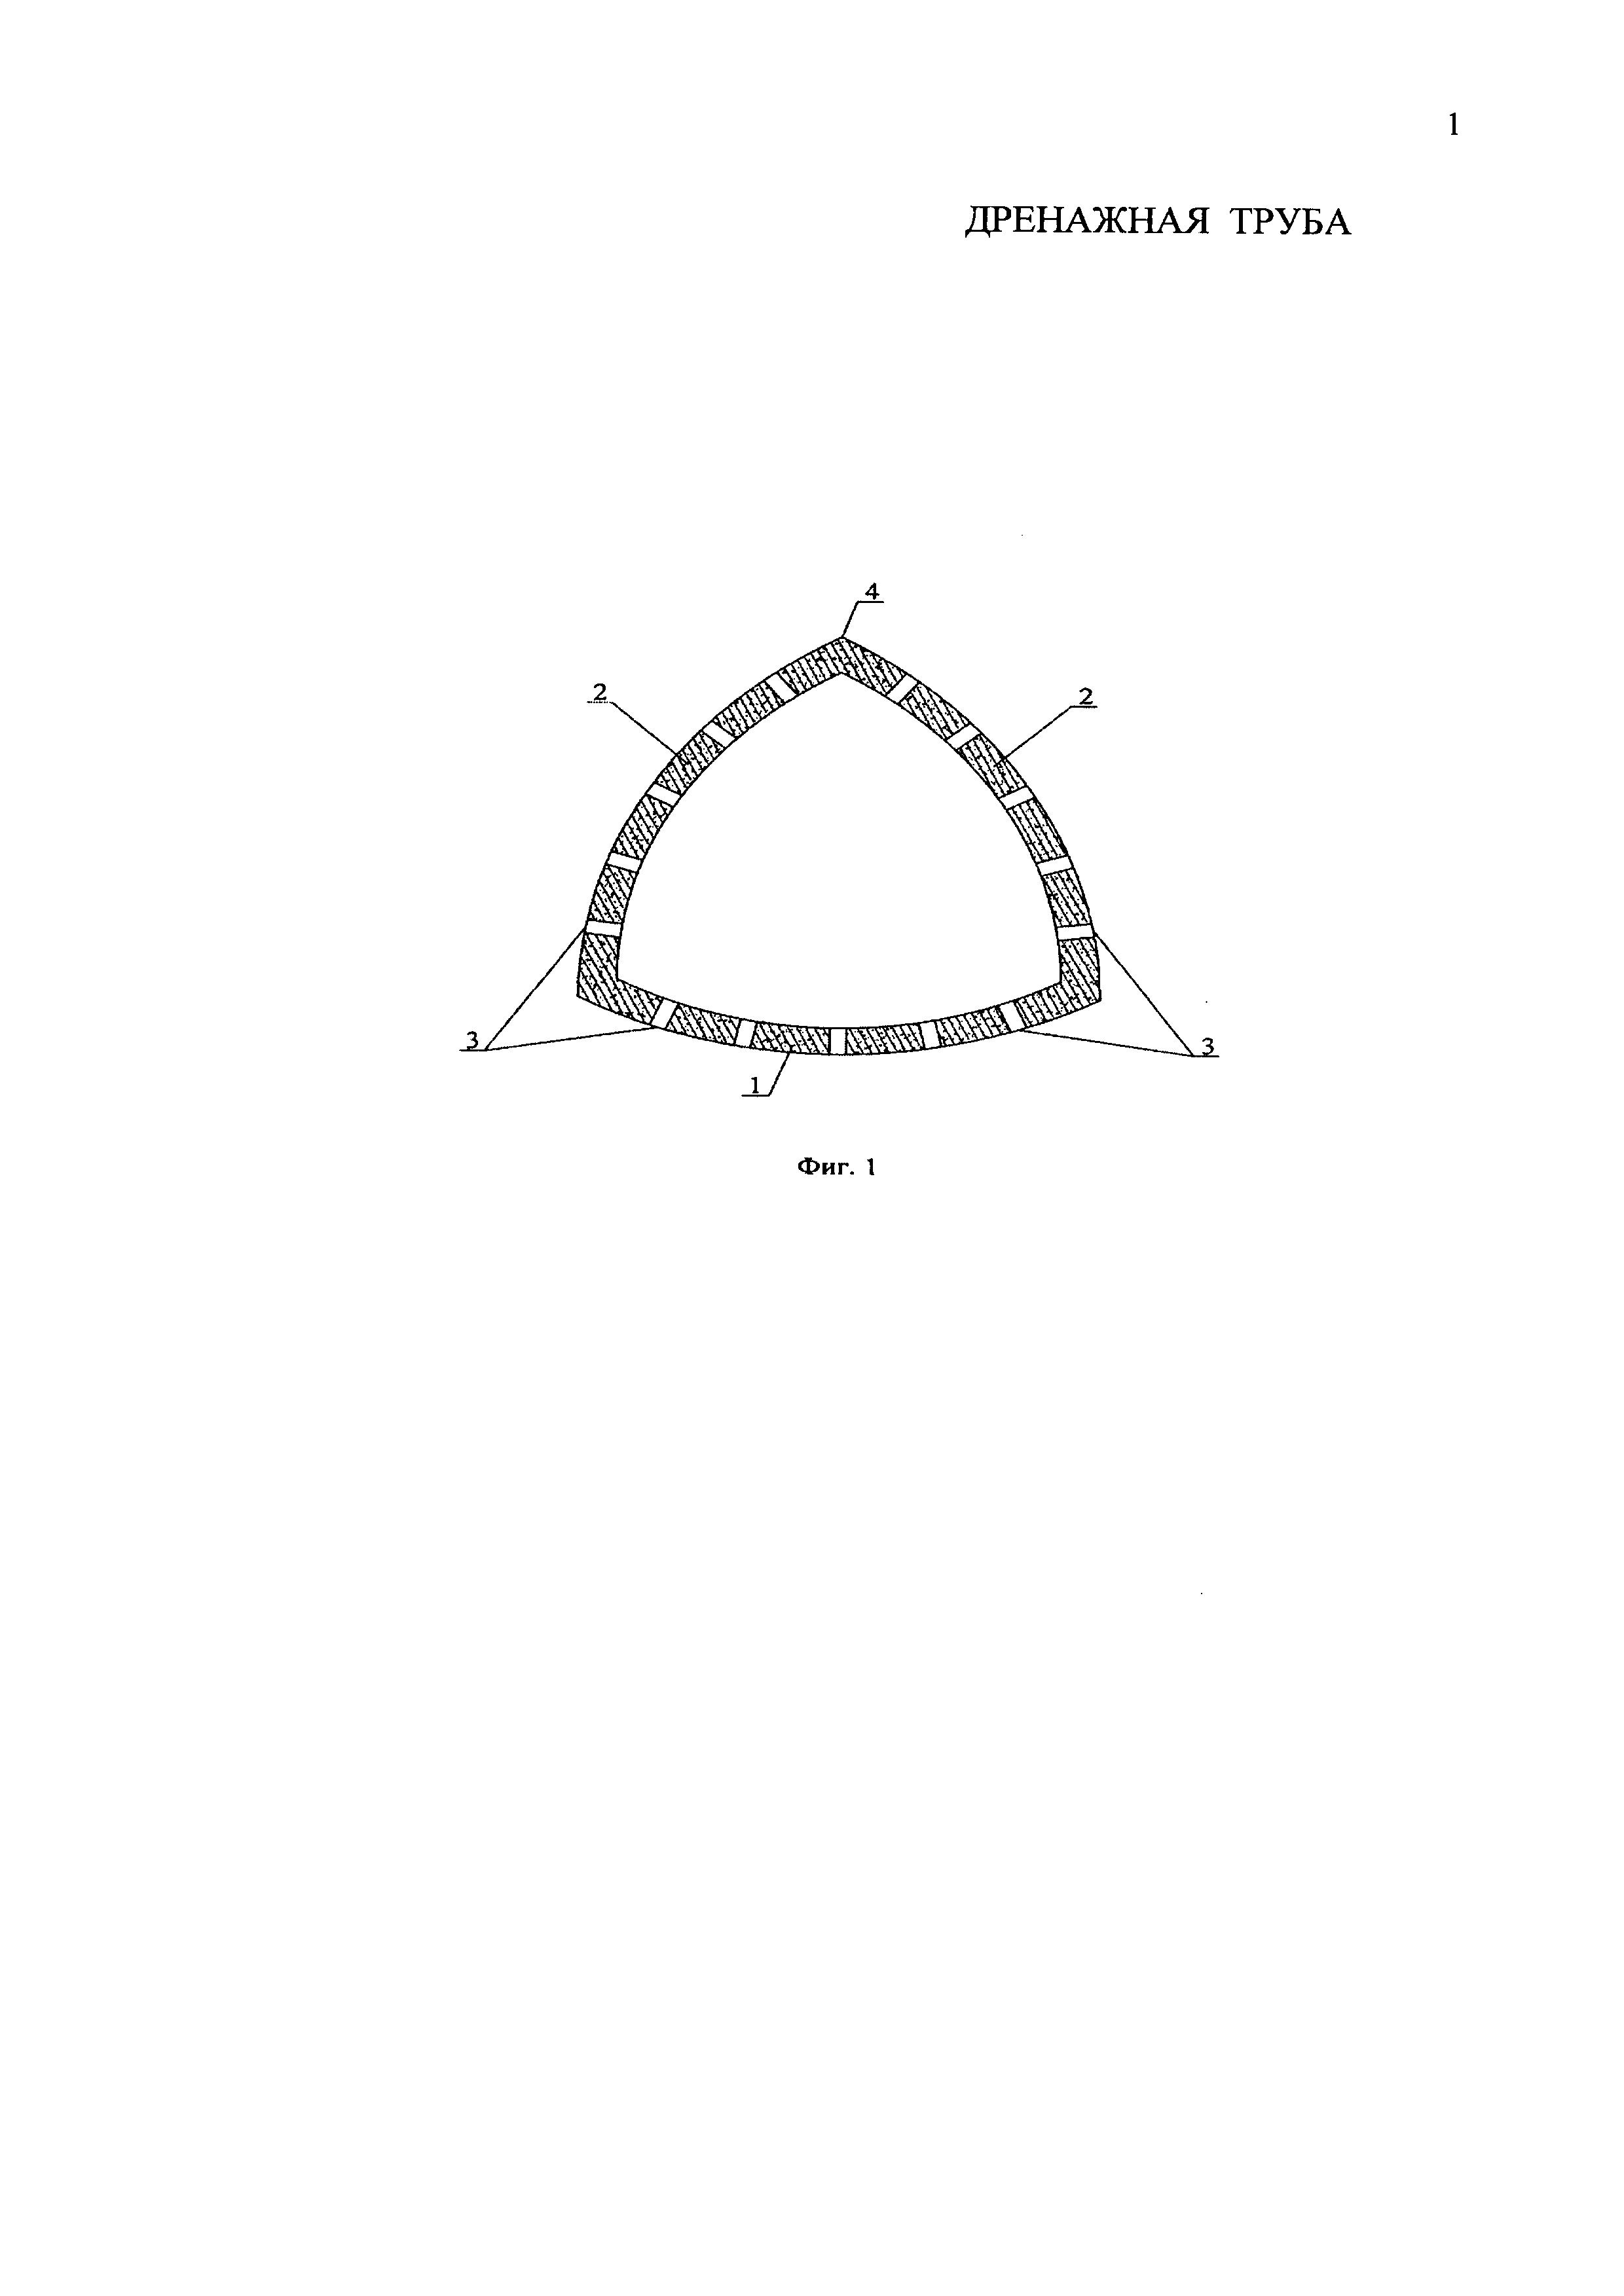 Дренажная труба